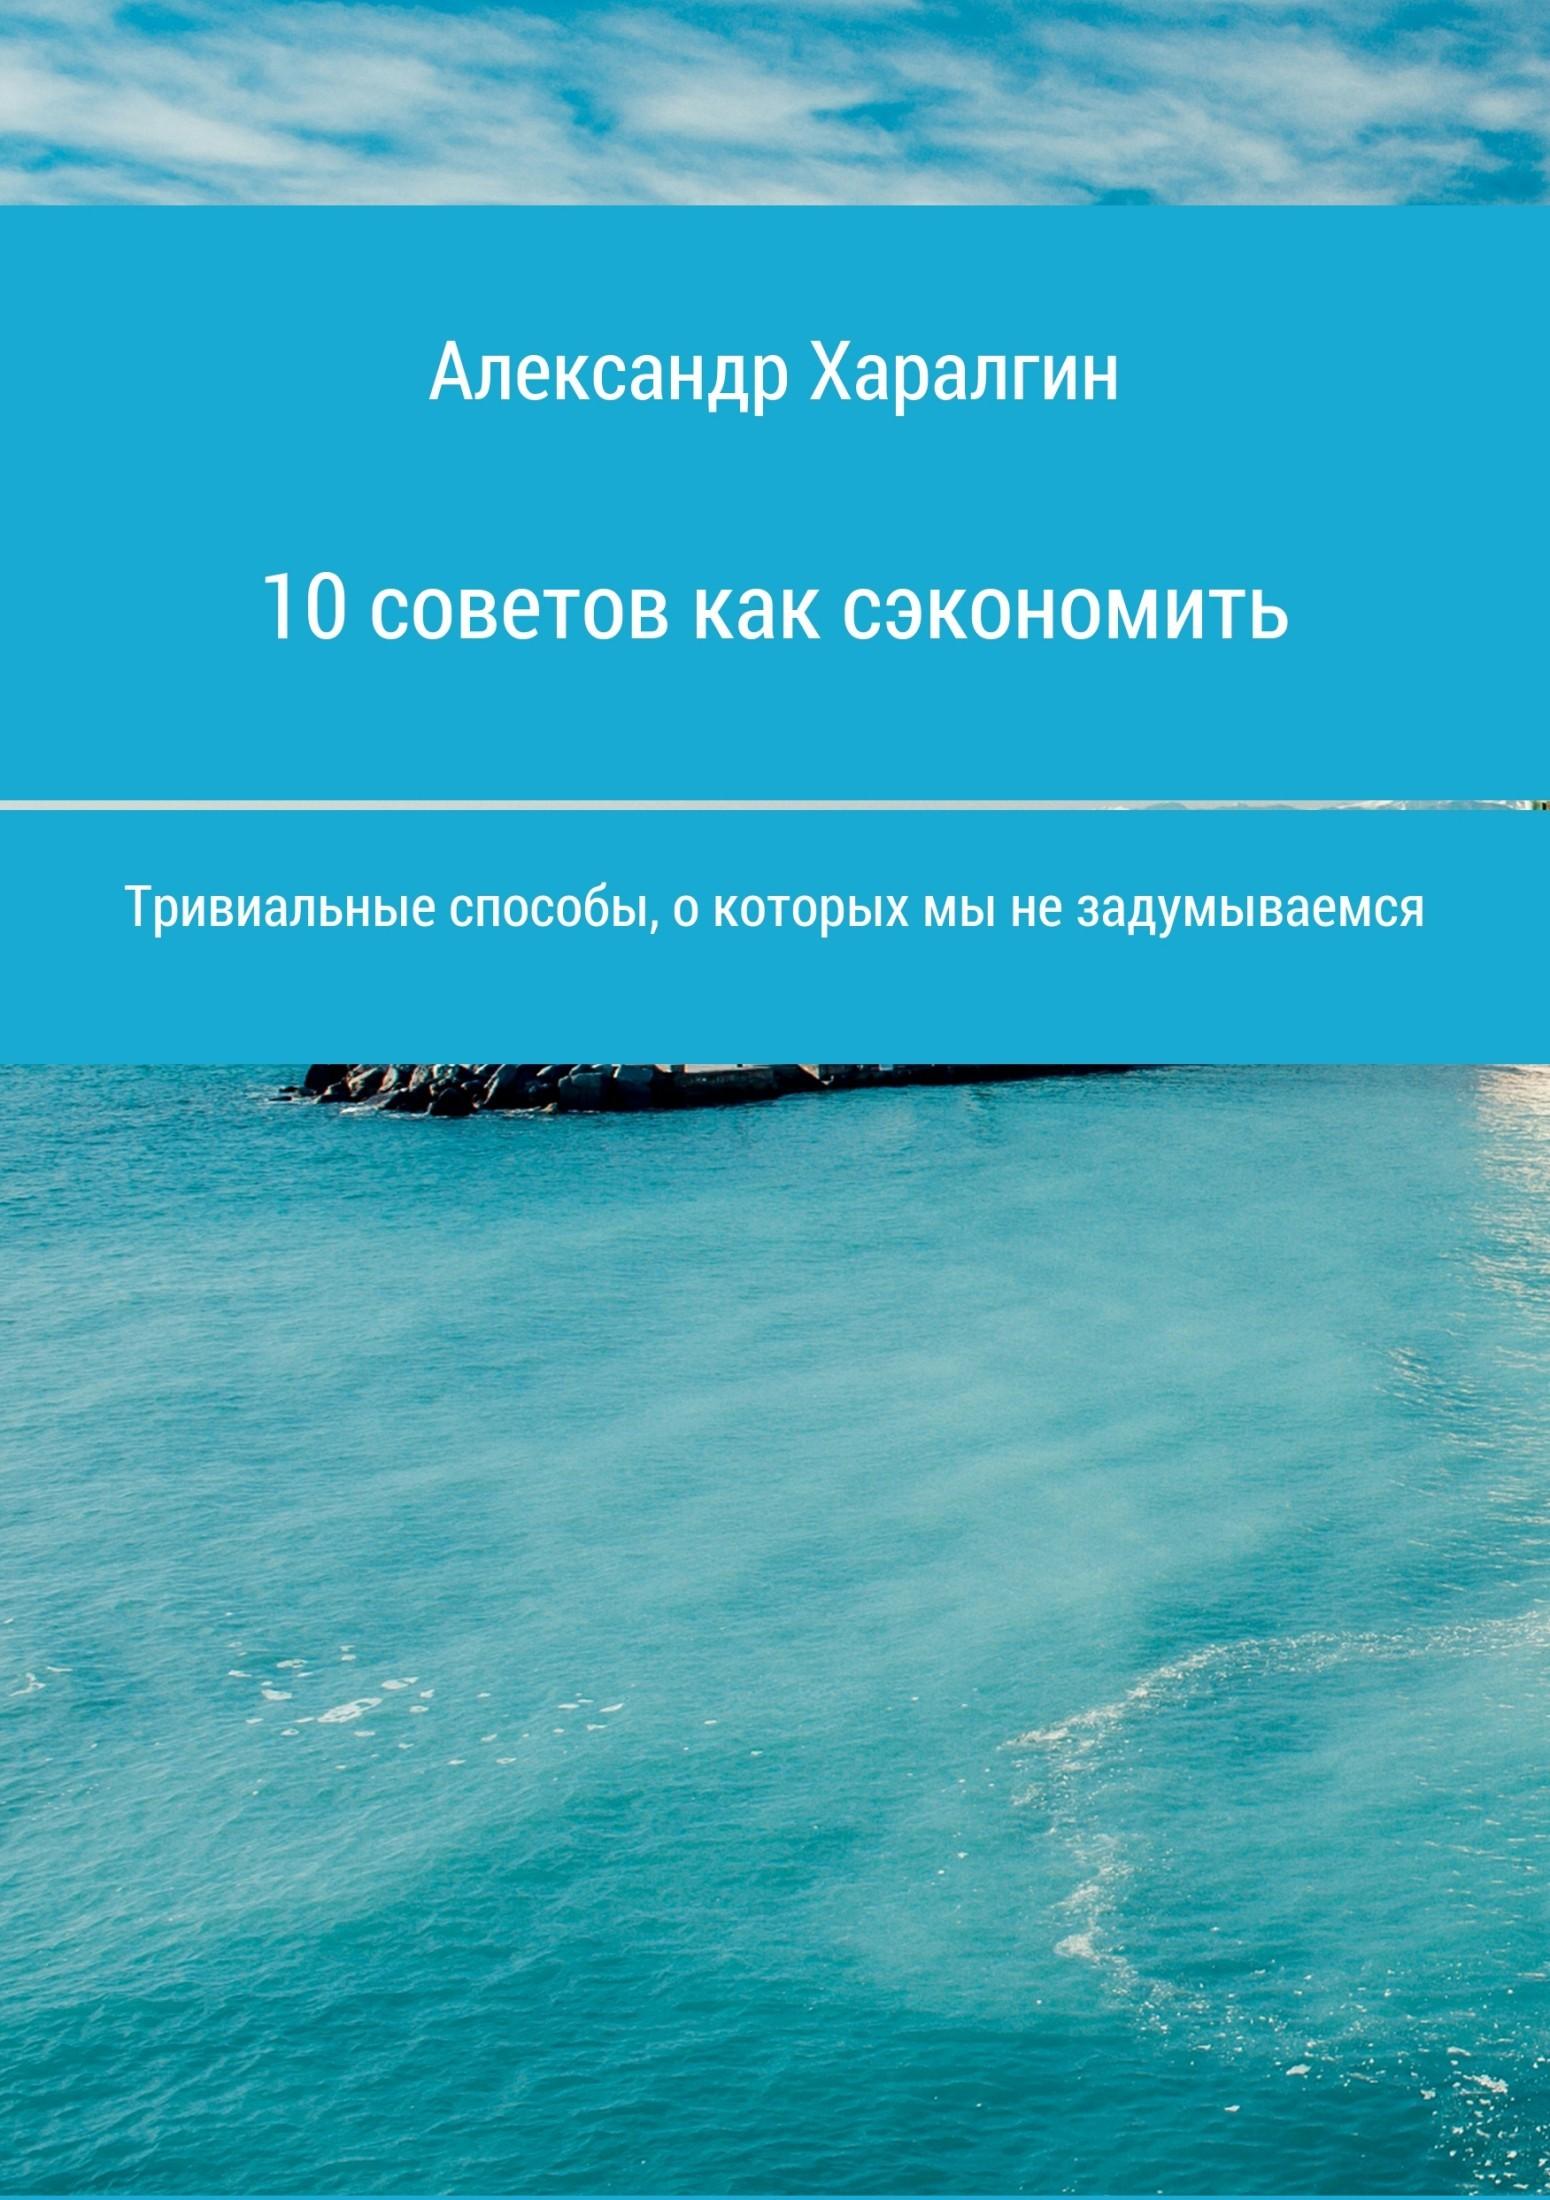 10 советов как сэкономить